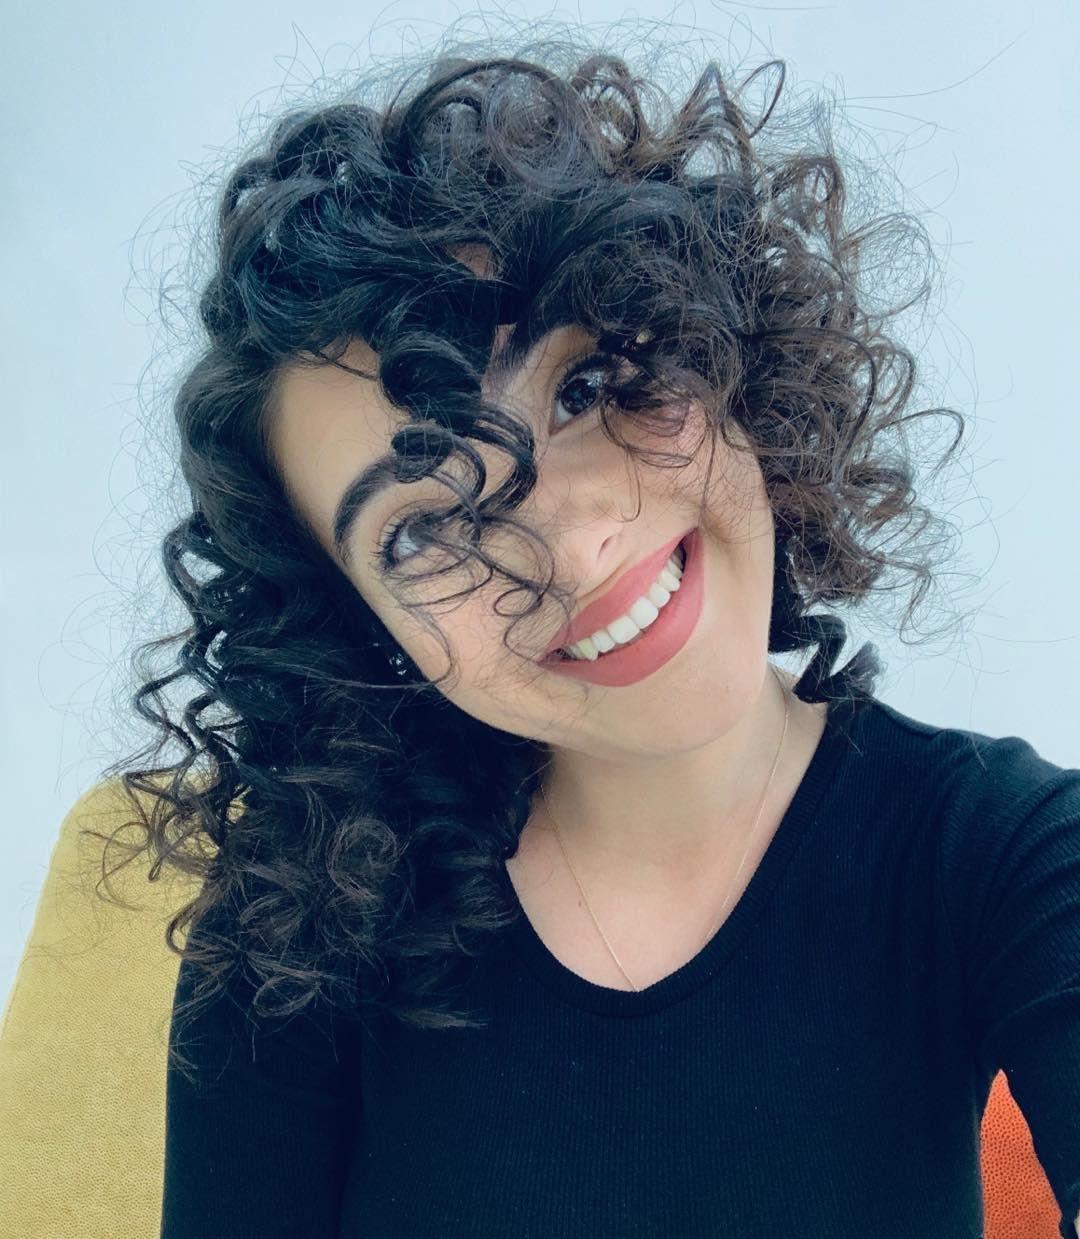 Nahide Babasli Instagram Da Paylasimda Bulundu Dusenin Dostu Olduk Dusen Dustugunu Inkar Etti Nahideba Halloween Face Makeup Hair Styles Face Makeup